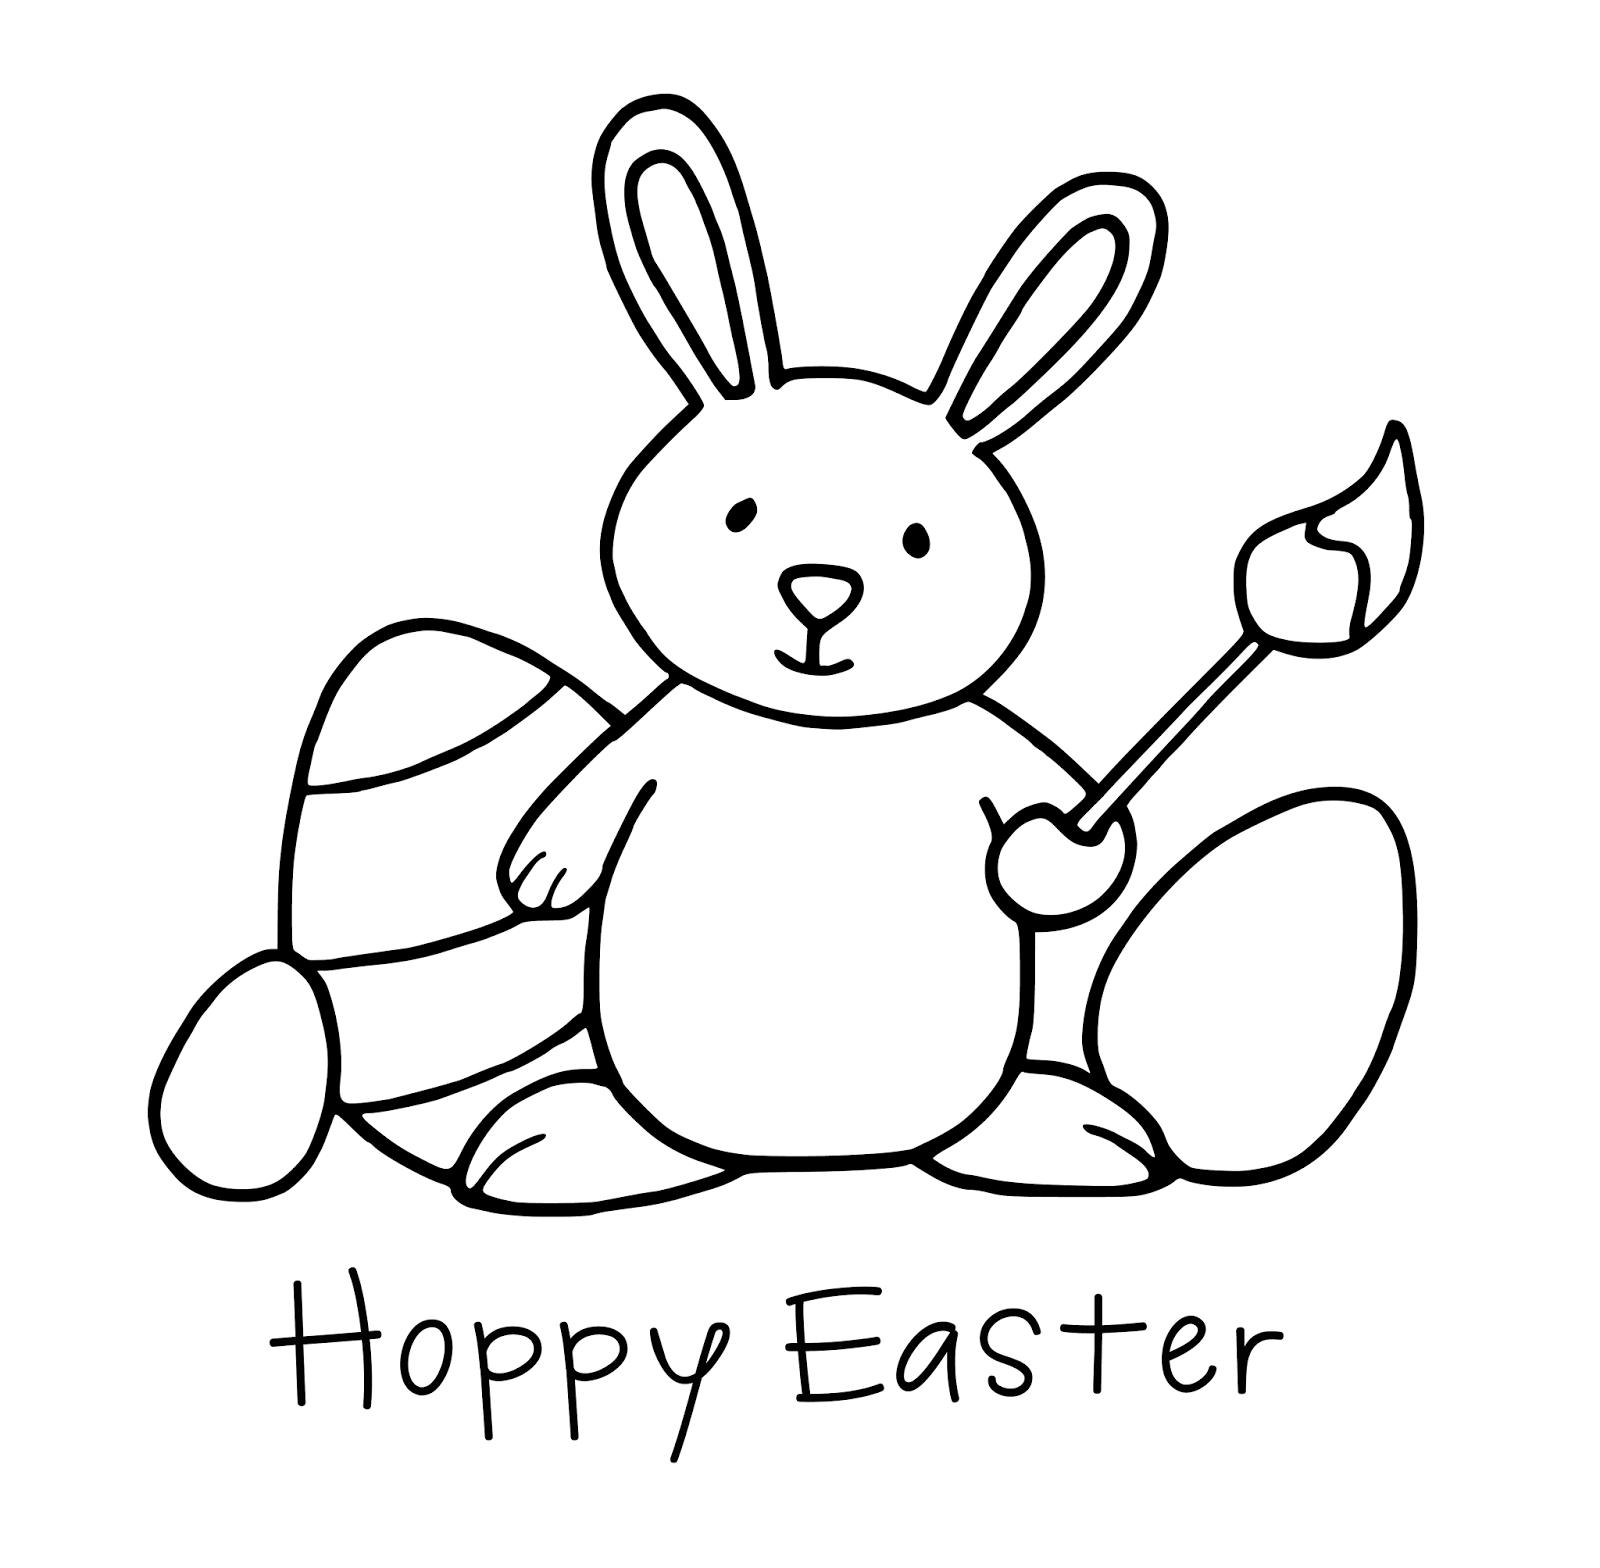 ♥: Hoppy Easter